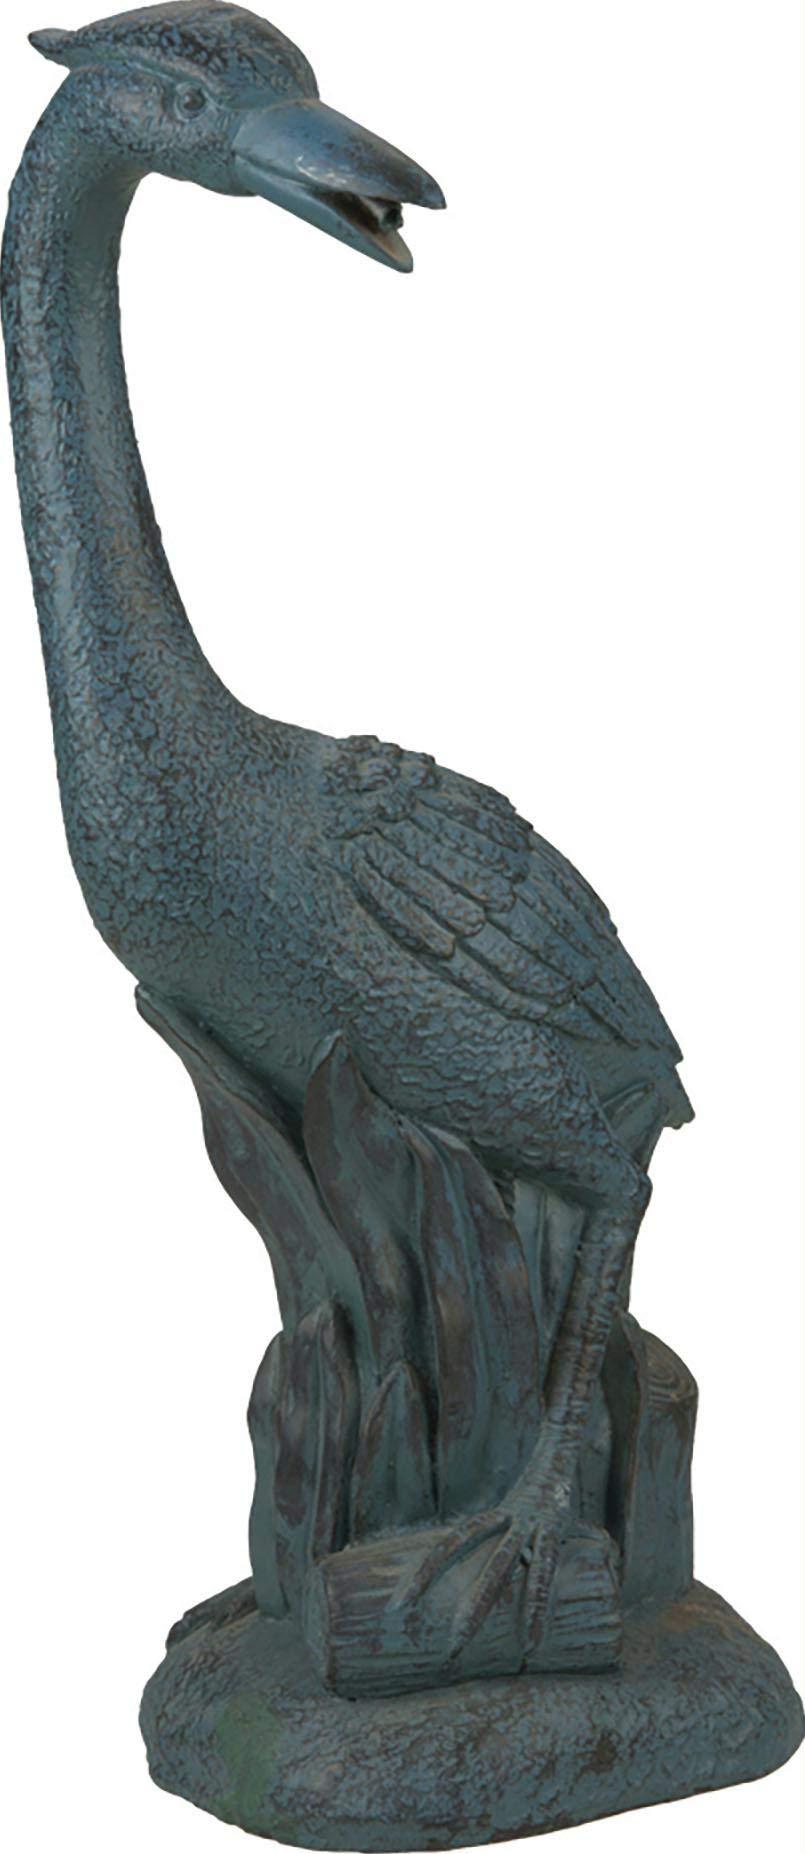 Heron Spitter